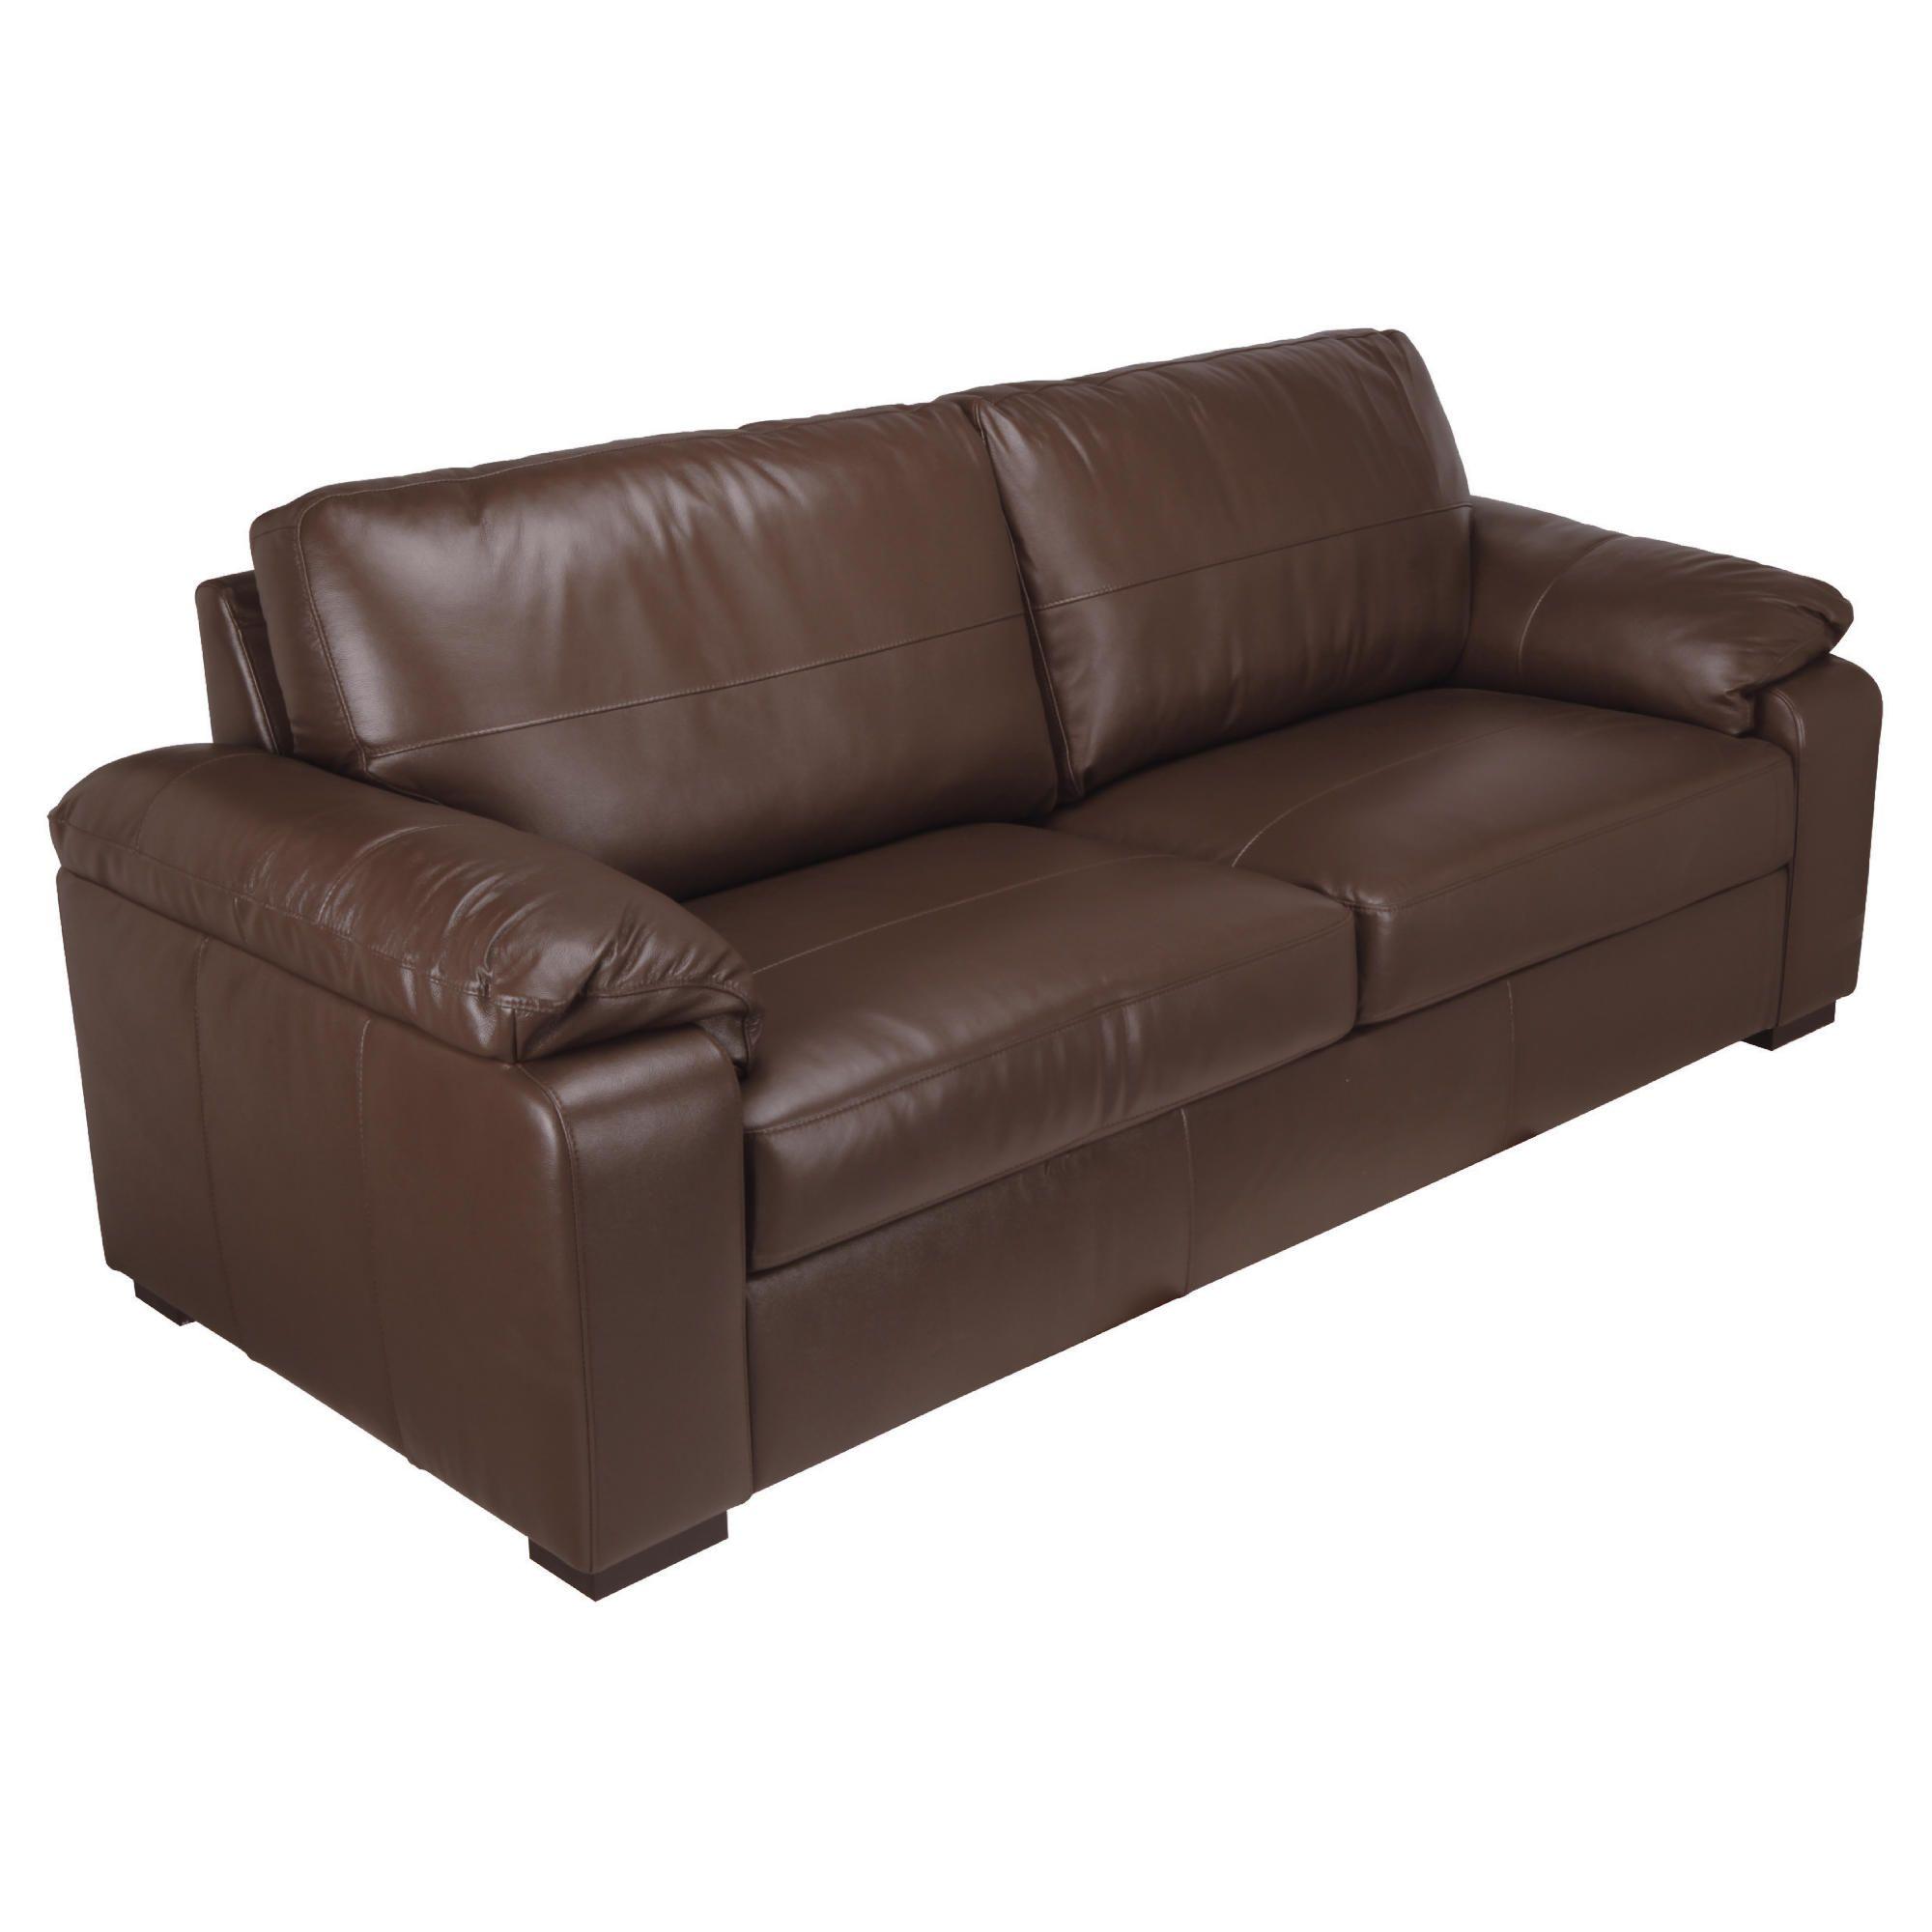 Tesco Direct Furniture Sofas Home Everydayentropy Com